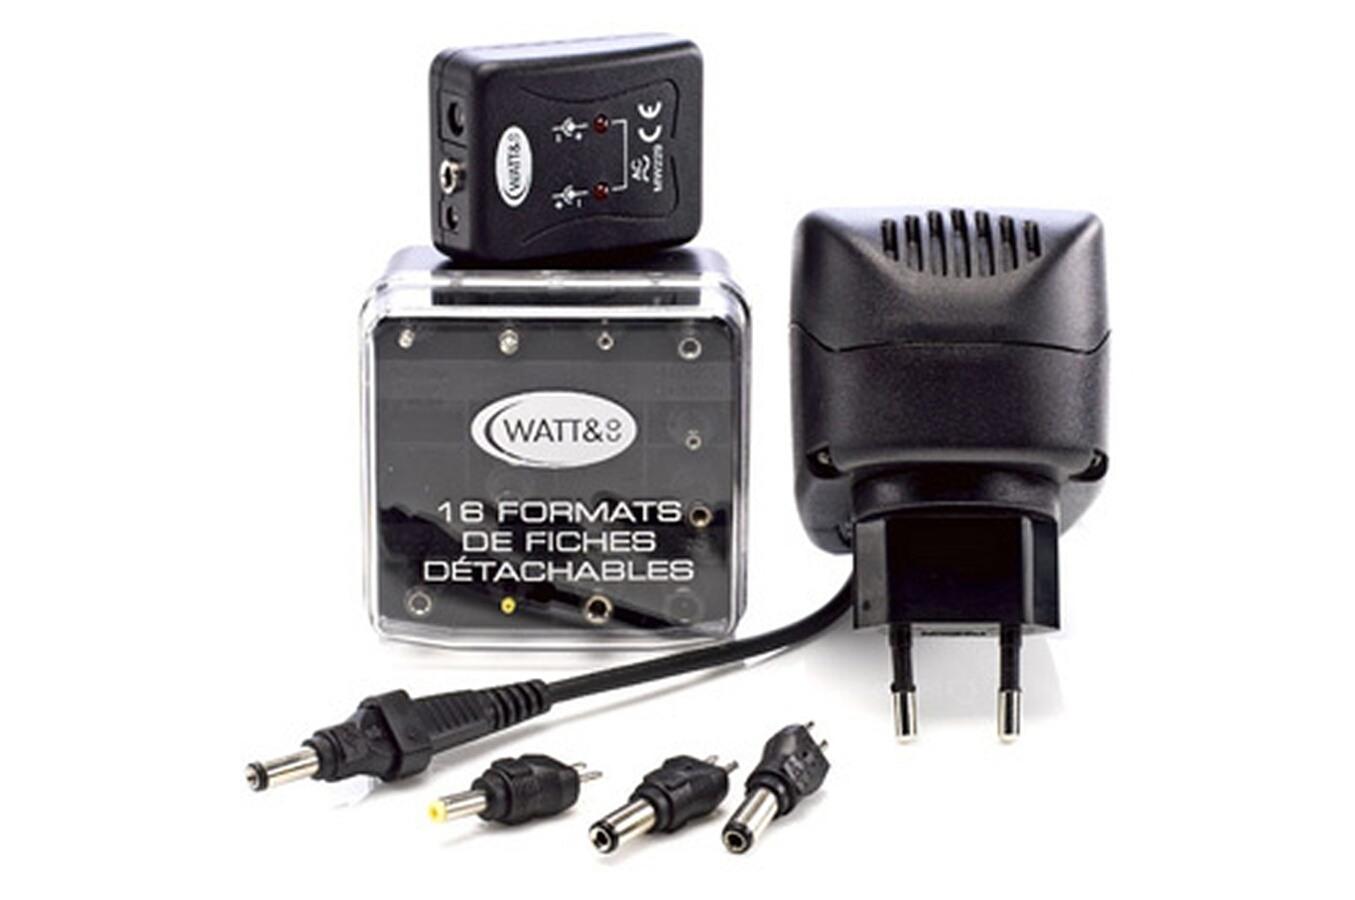 Alimentation lectrique watt co transformateur secteur for Transformateur allume cigare prise secteur darty